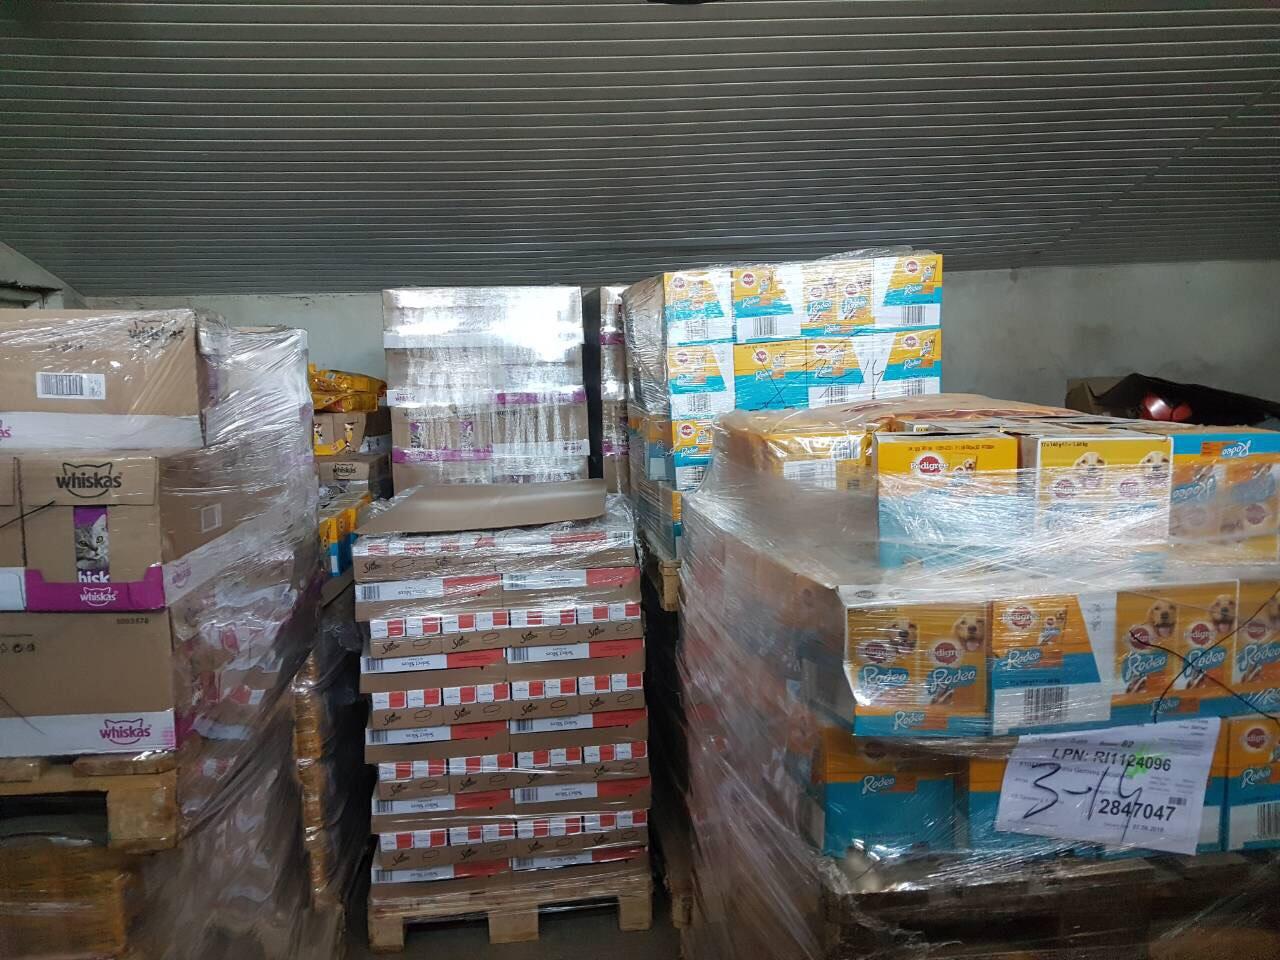 """Birželio viduryje VŠĮ """"Gyvūnų gerovės iniciatyvos"""" (toliau – GGI) susivienijo su UAB """"Mars Lietuva"""" dar vienai maisto dalinimo akcijai ir padovanojo gyvūnų prieglaudoms beveik 1200 kilogramų maisto."""